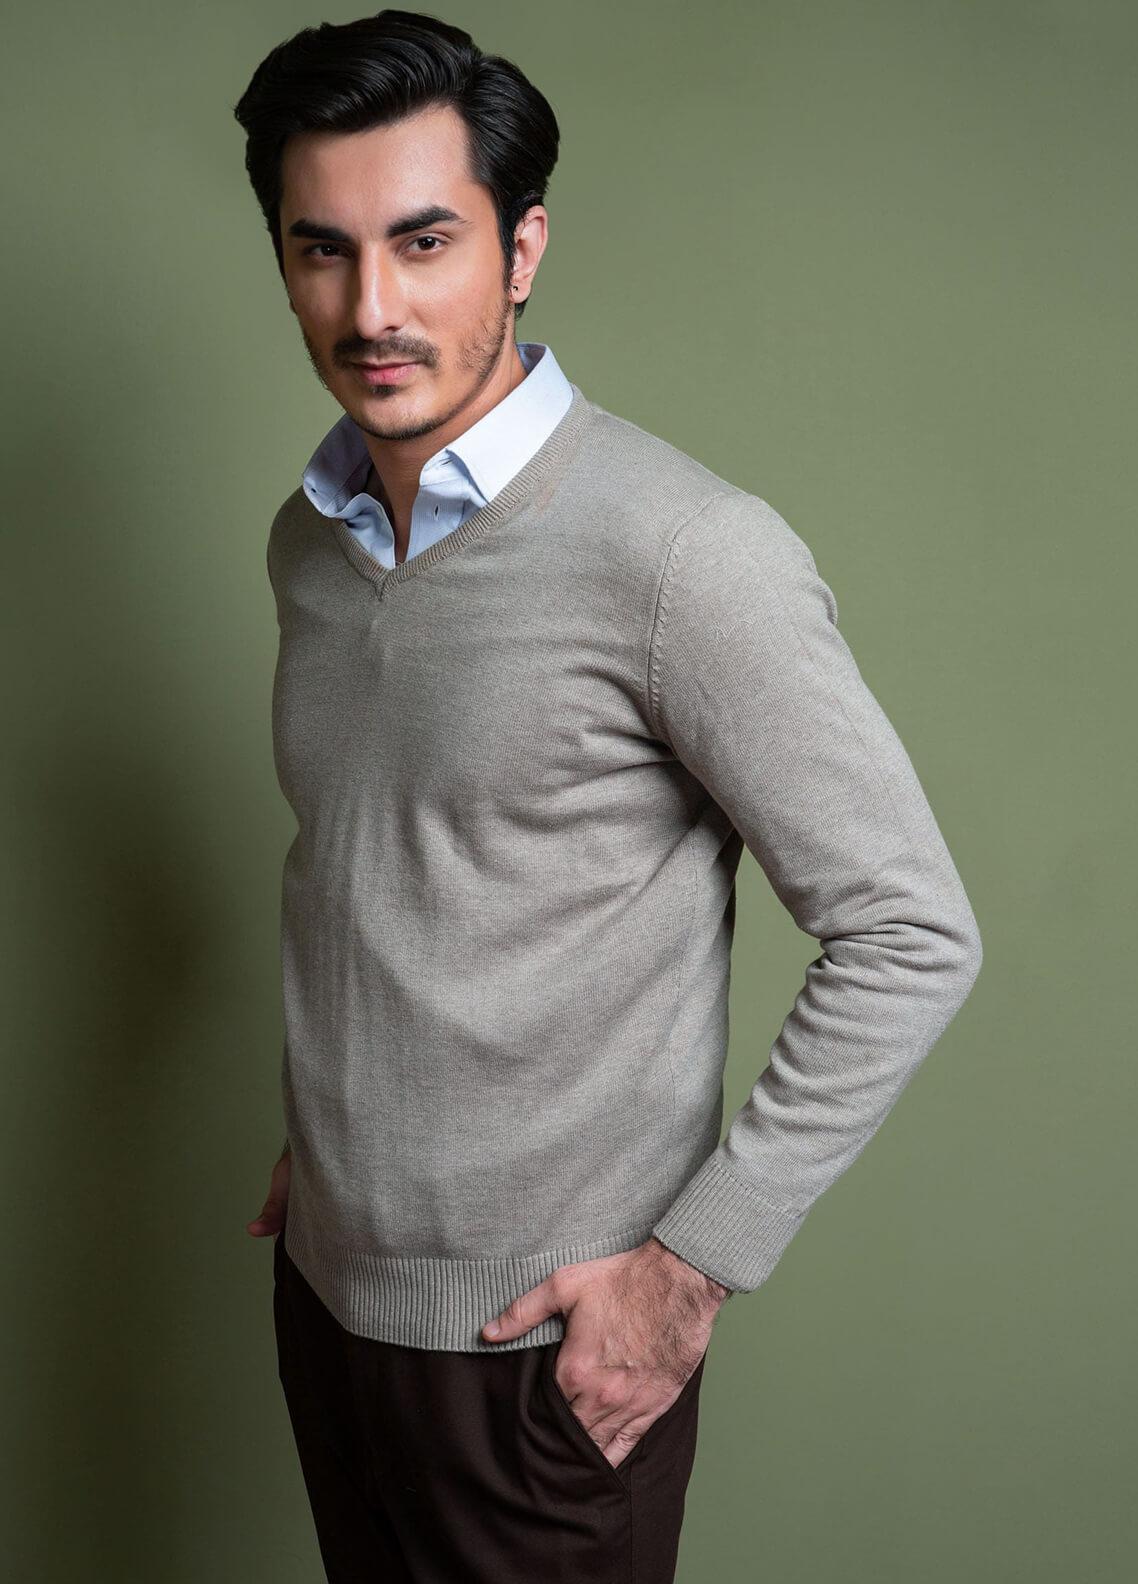 Brumano Cotton Full Sleeves V-Neck Sweaters for Men -  FS-283